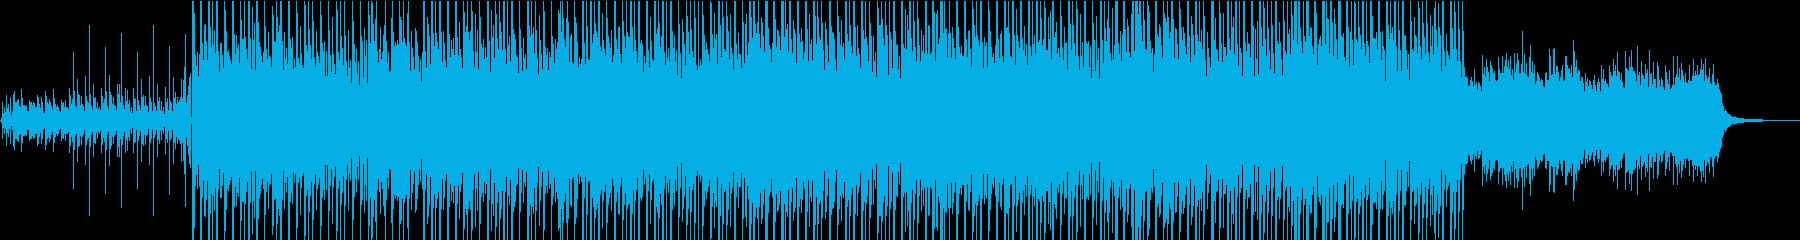 かわいくてちょっと切ないエレクトロポップの再生済みの波形